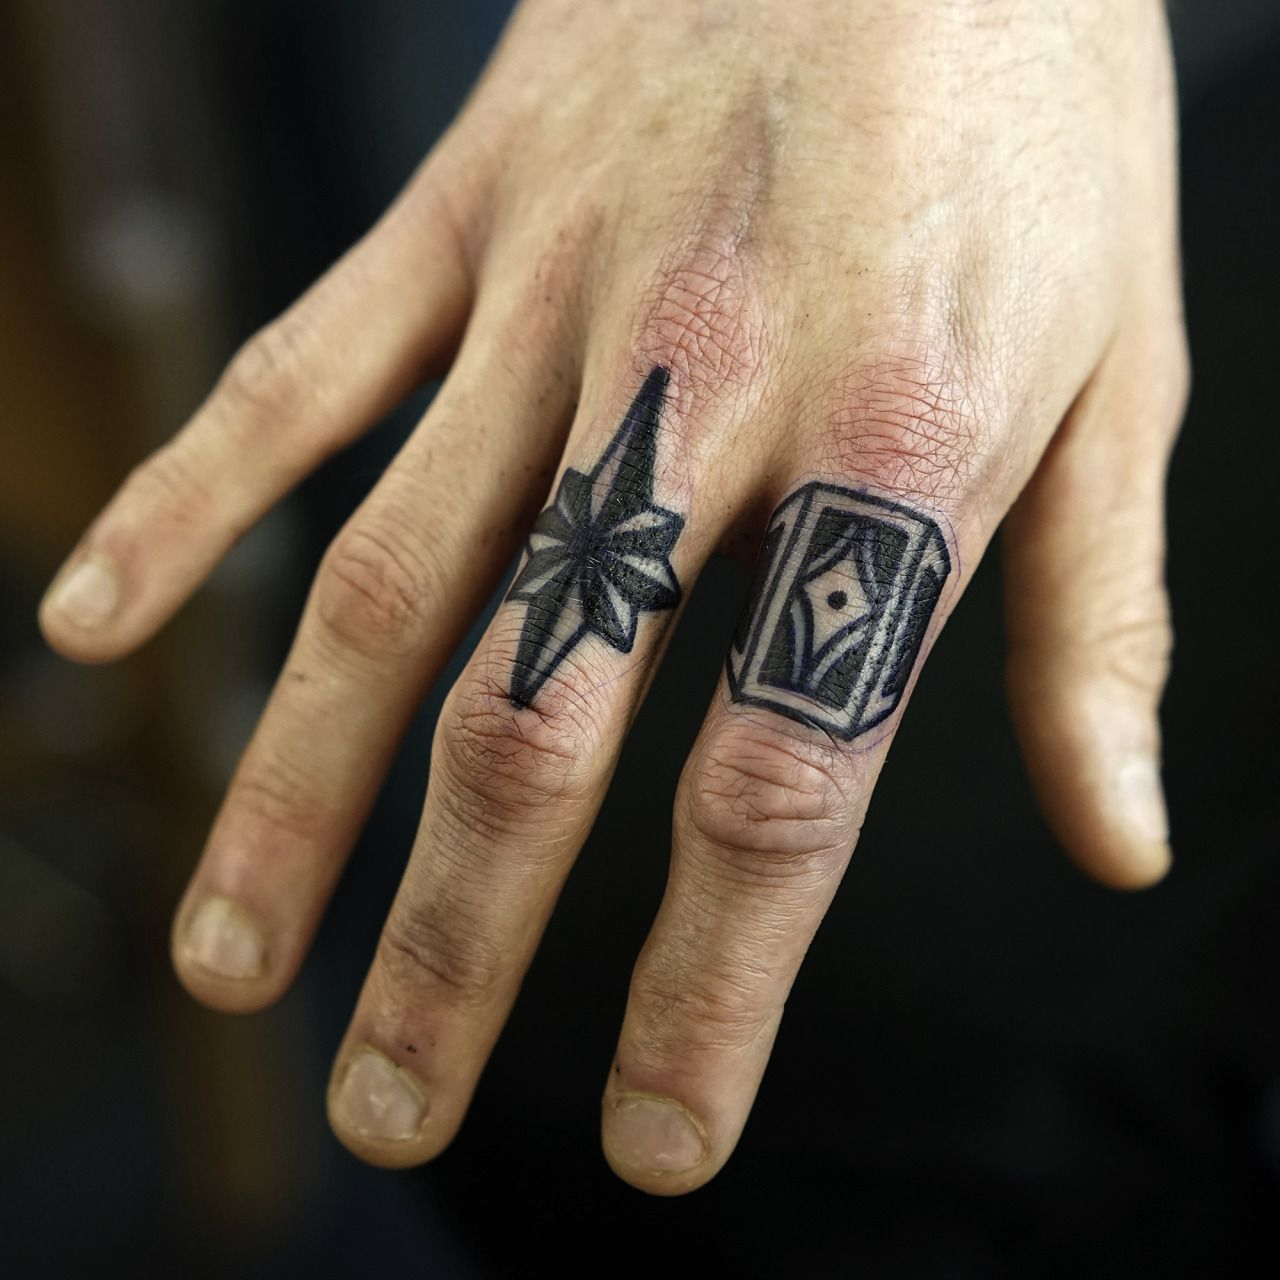 Parmak üstü Dövmeleri Erkek